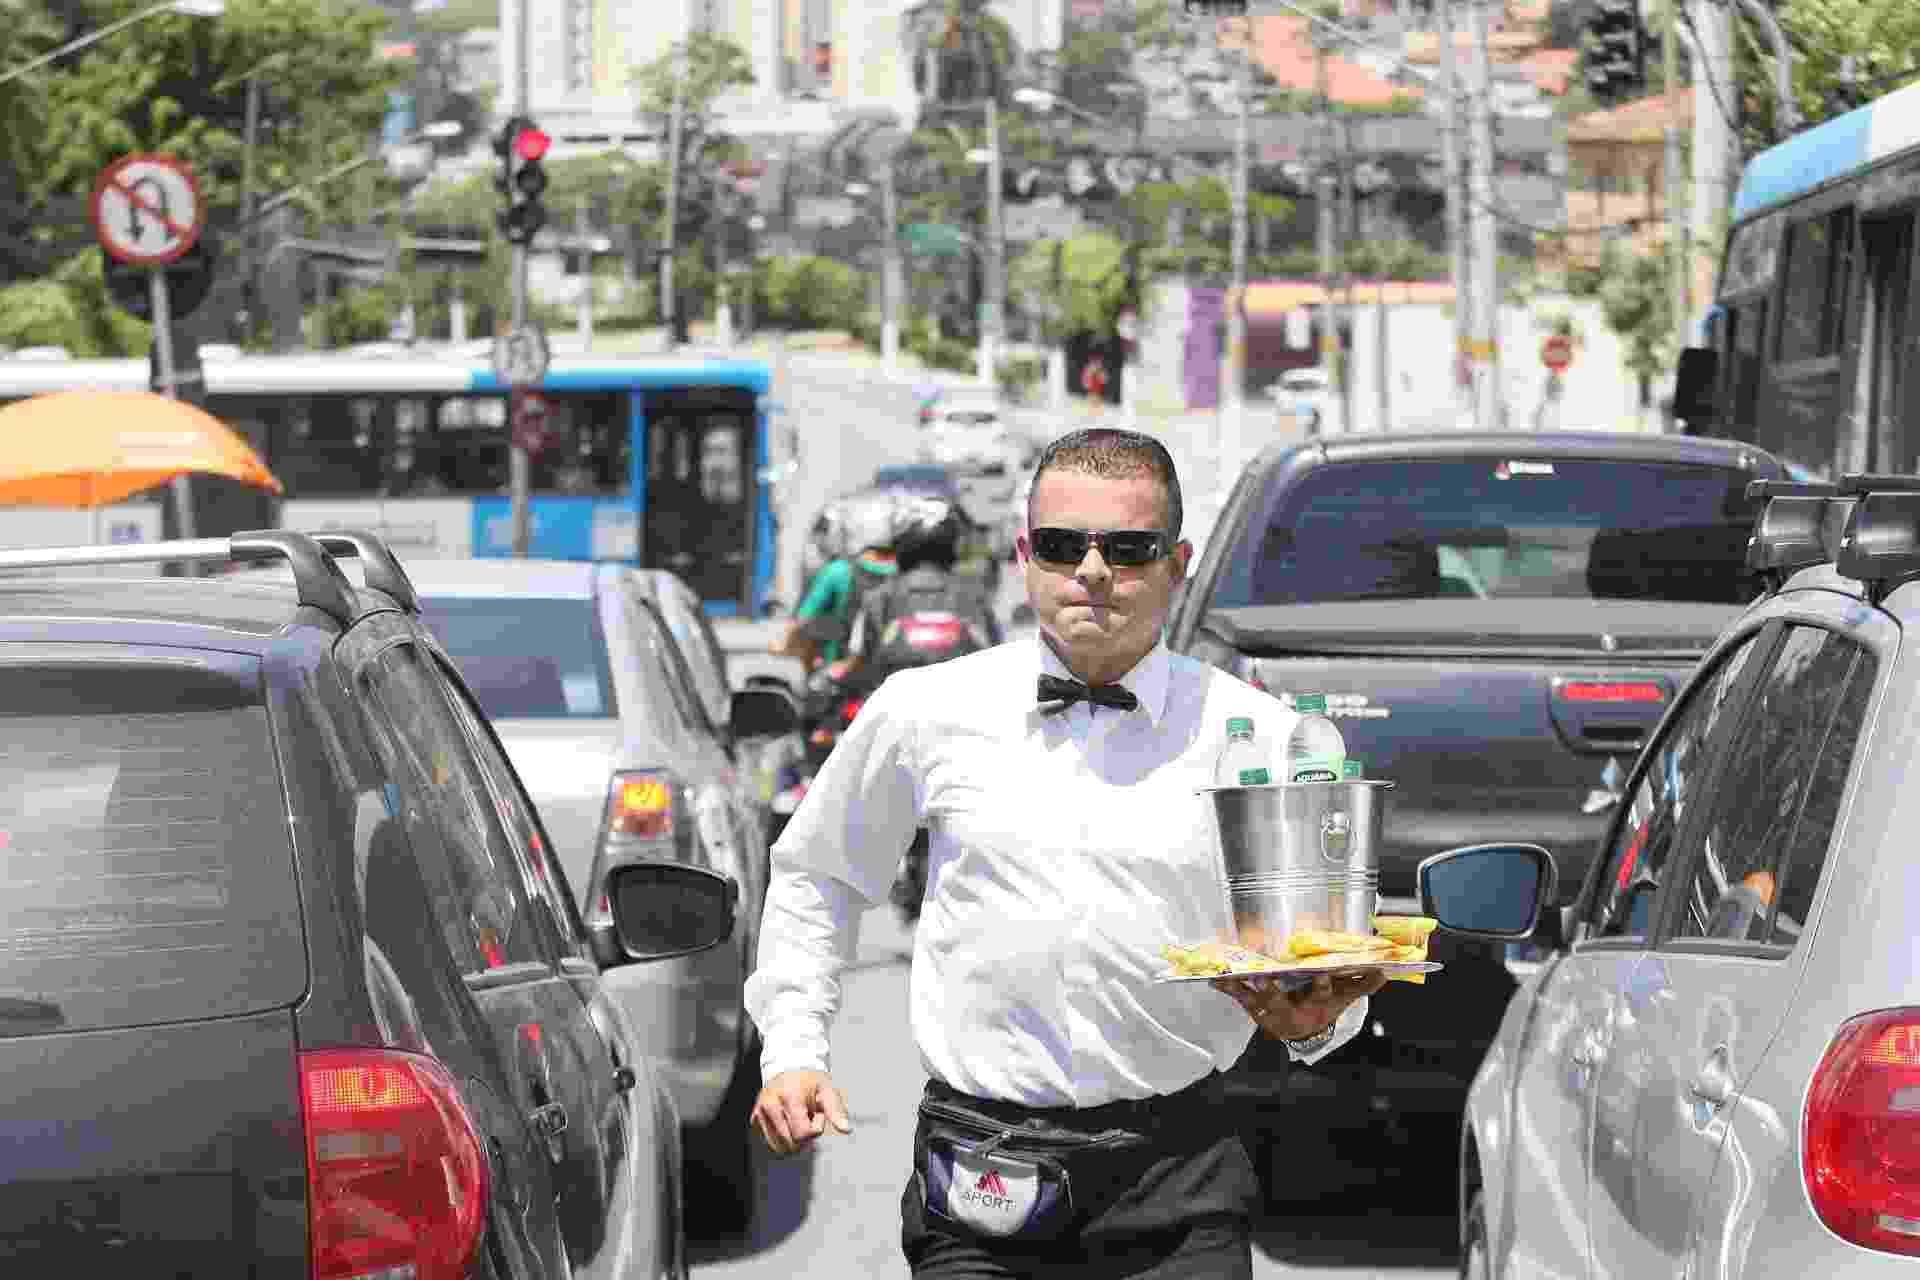 15.out.2015 - Depois de ficar meses desempregado, Jairo Rosendo de Freitas, 34, decidiu vender água e amendoim na av. Interlagos, zona sul de São Paulo, vestido como garçom. Clique nas fotos acima para conhecer sua rotina de trabalho - Reinaldo Canato/UOL